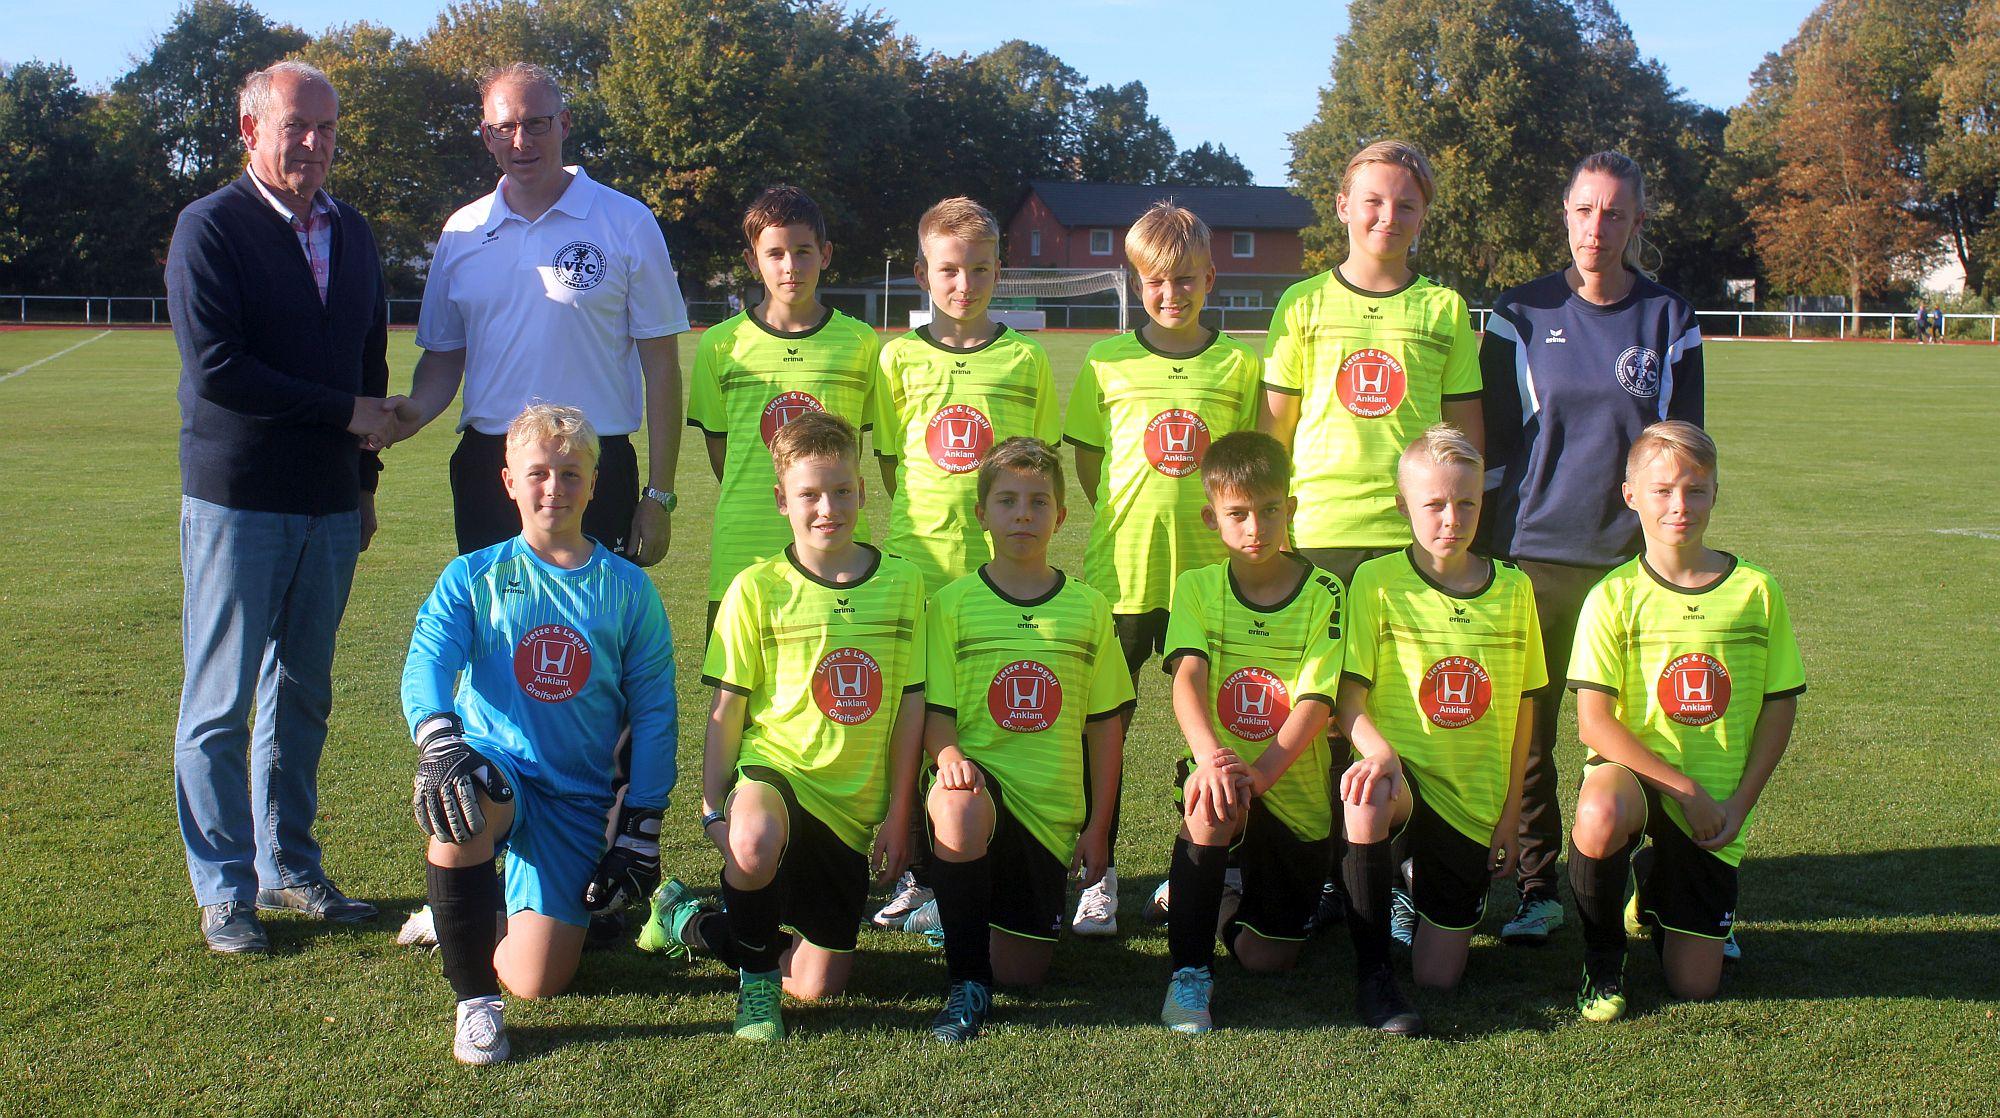 Landesliga: D1-Junioren überzeugen am Haff trotz Niederlage